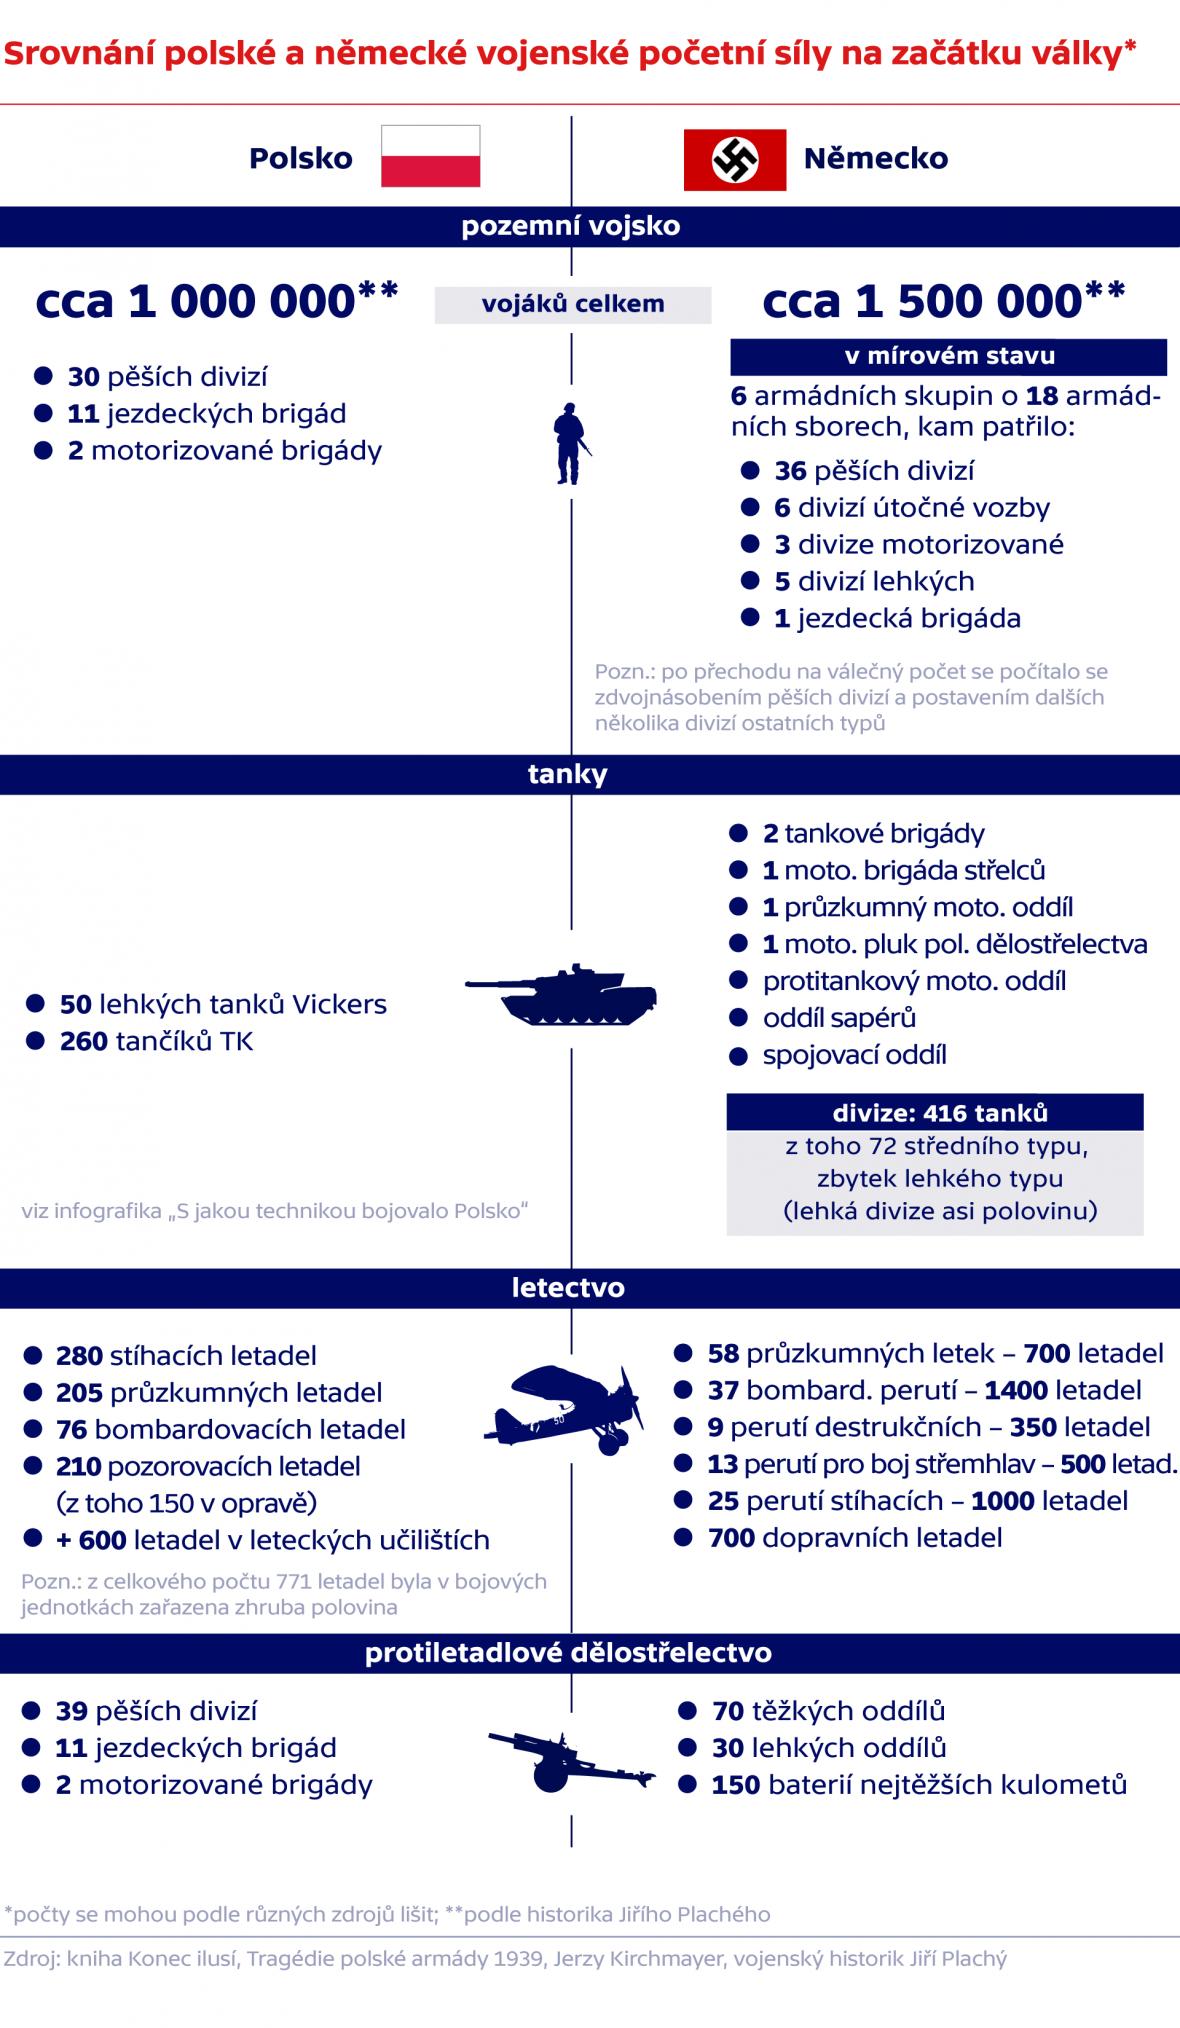 Srovnání polské a německé vojenské početní síly na začátku války